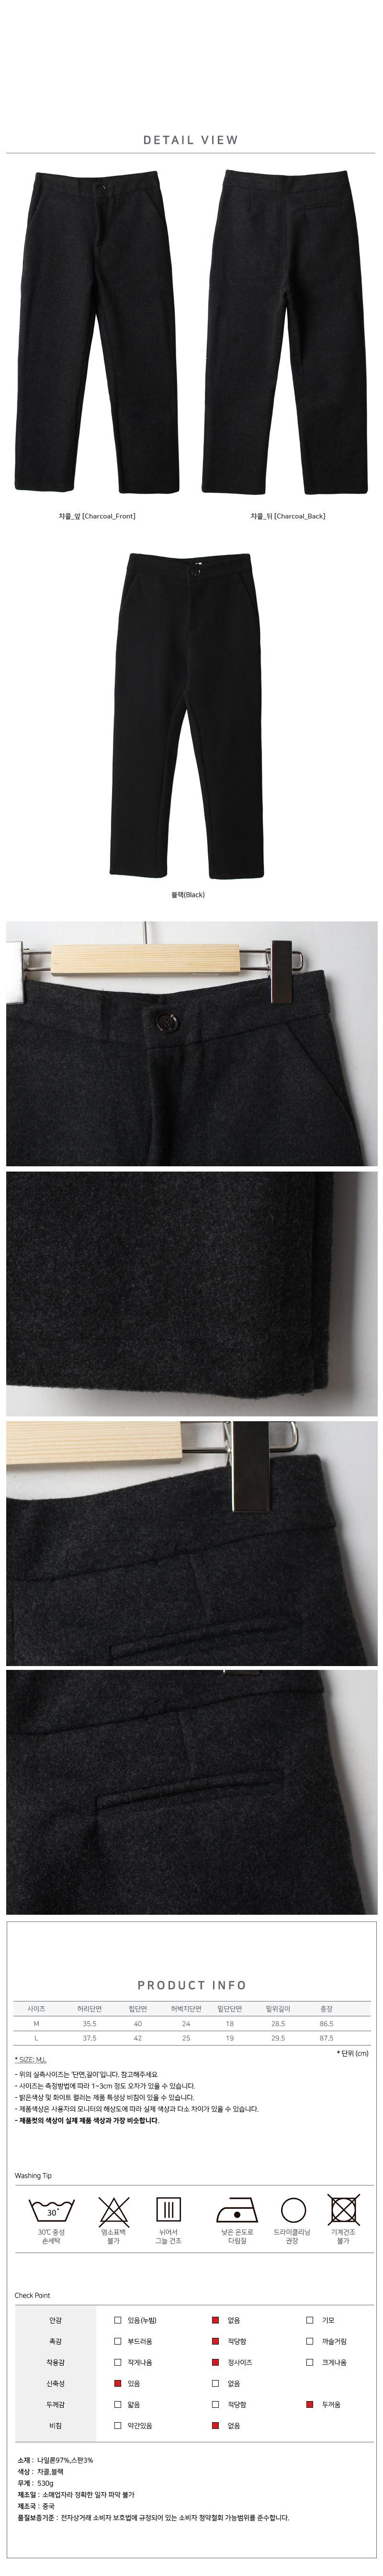 Audeen wool span slacks